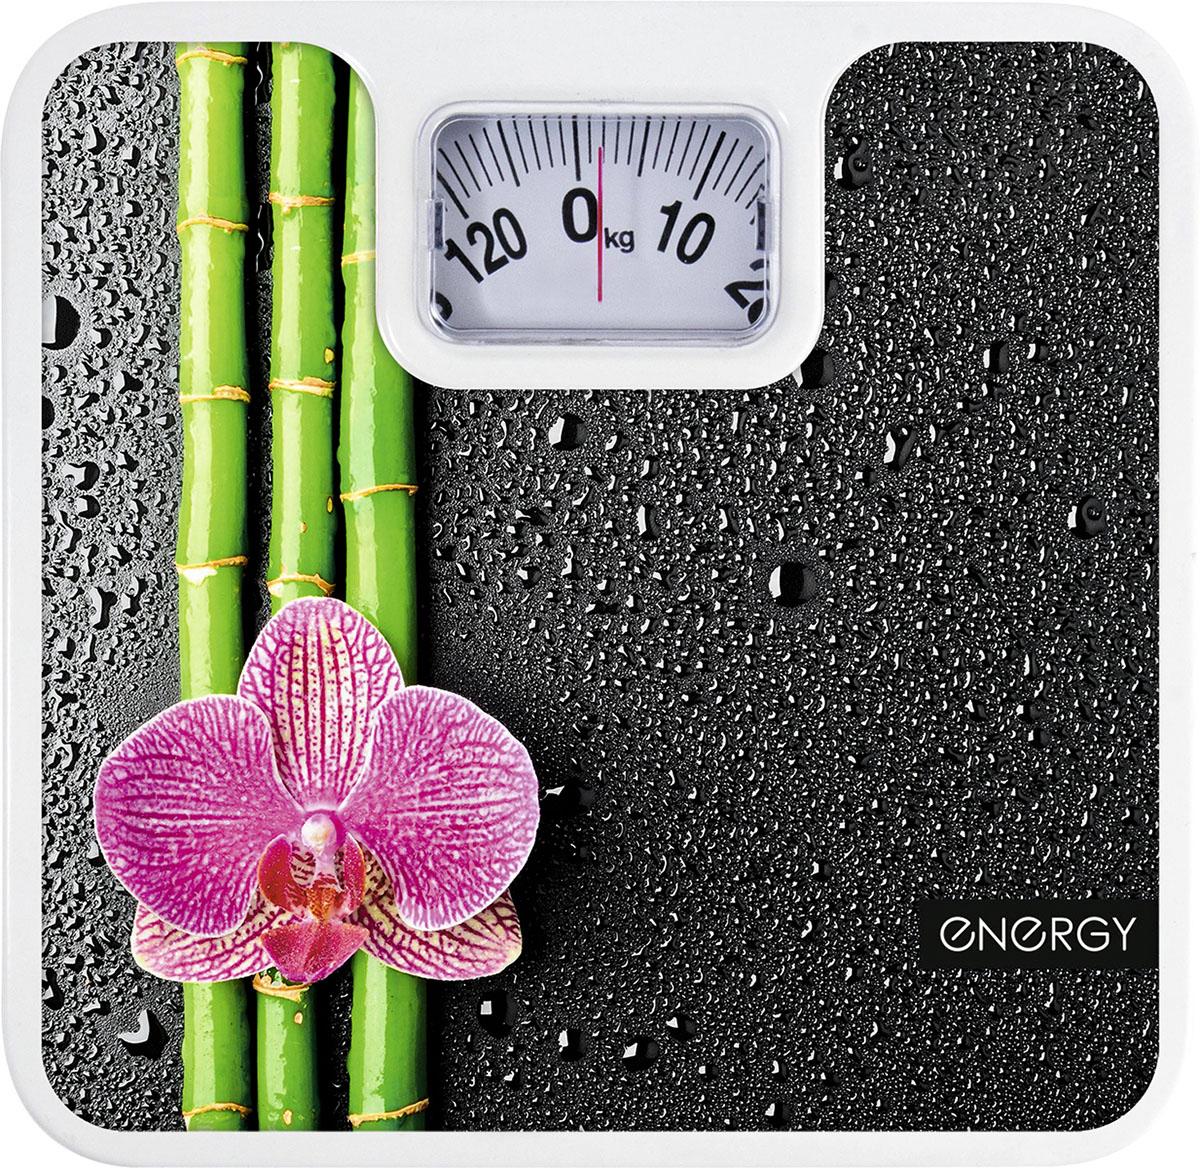 Energy ENМ-409D напольные весы54 003116Напольные механические весы Energy ENМ-409D - неотъемлемый атрибут здорового образа жизни. Они необходимы тем, кто следит за своим здоровьем, весом, ведет активный образ жизни, занимается спортом и фитнесом. Очень удобны для будущих мам, постоянно контролирующих прибавку в весе, также рекомендуются родителям, внимательно следящим за весом своих детей.Надежный механизмКрупный шрифт надписей на шкалеЦена деления: 1 кг